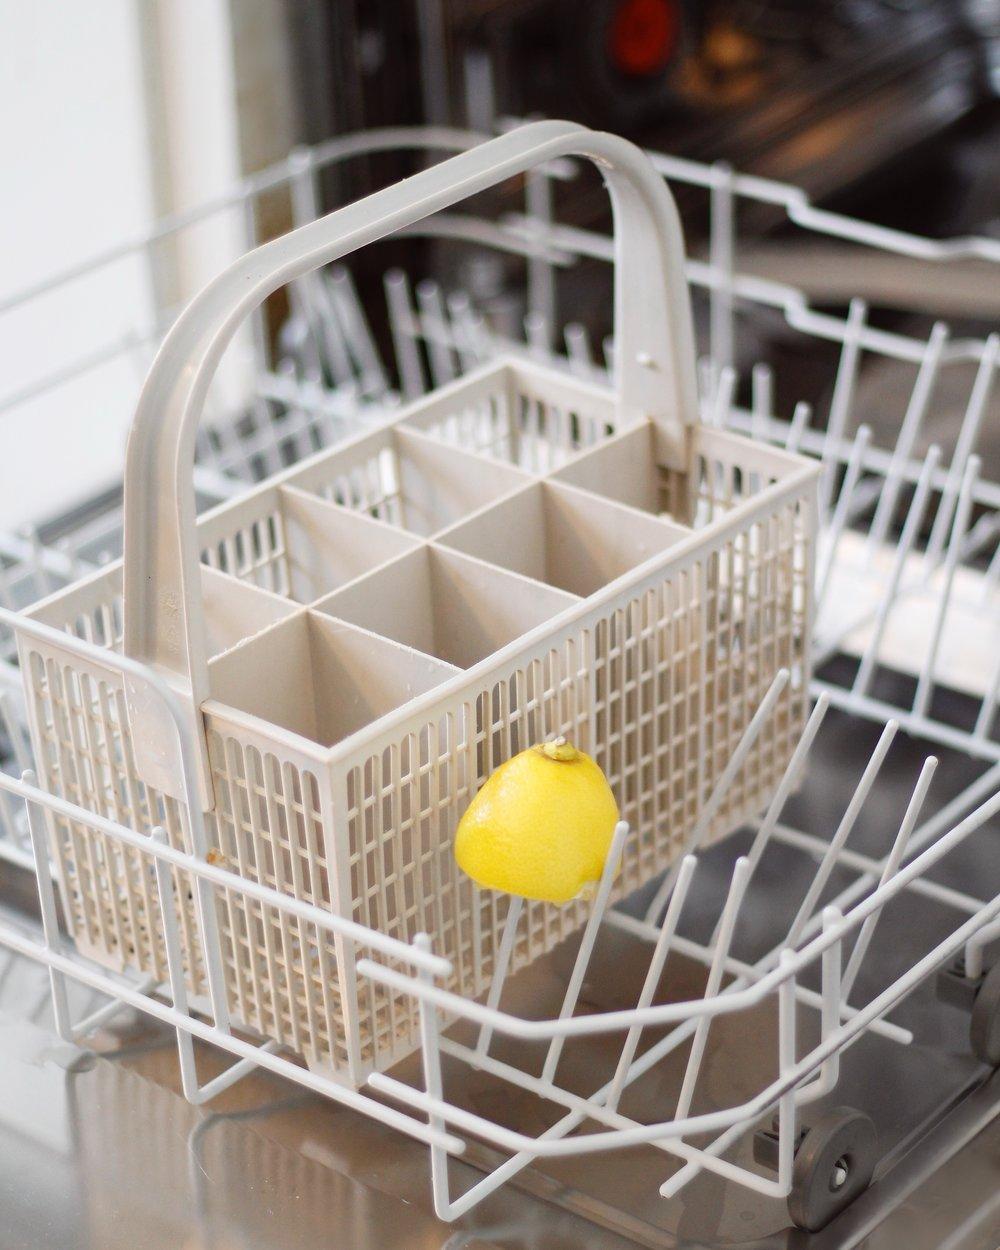 rengör diskmaskinen med citron